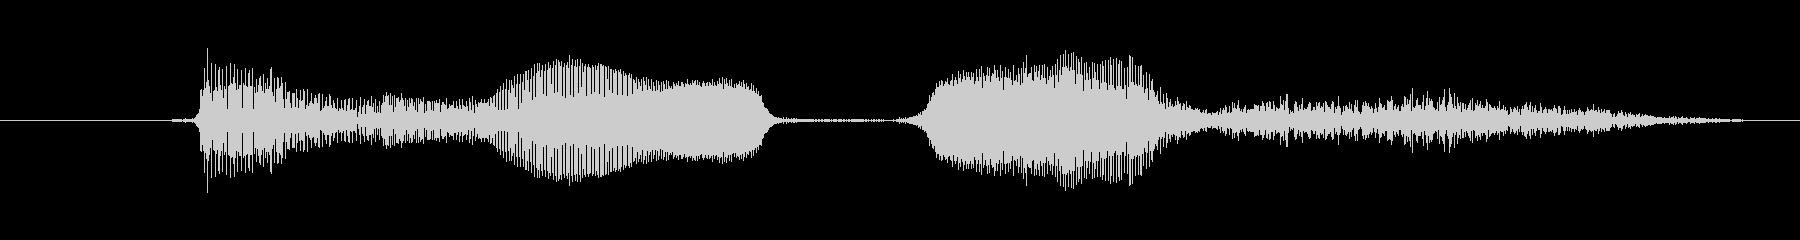 ボーナスの未再生の波形